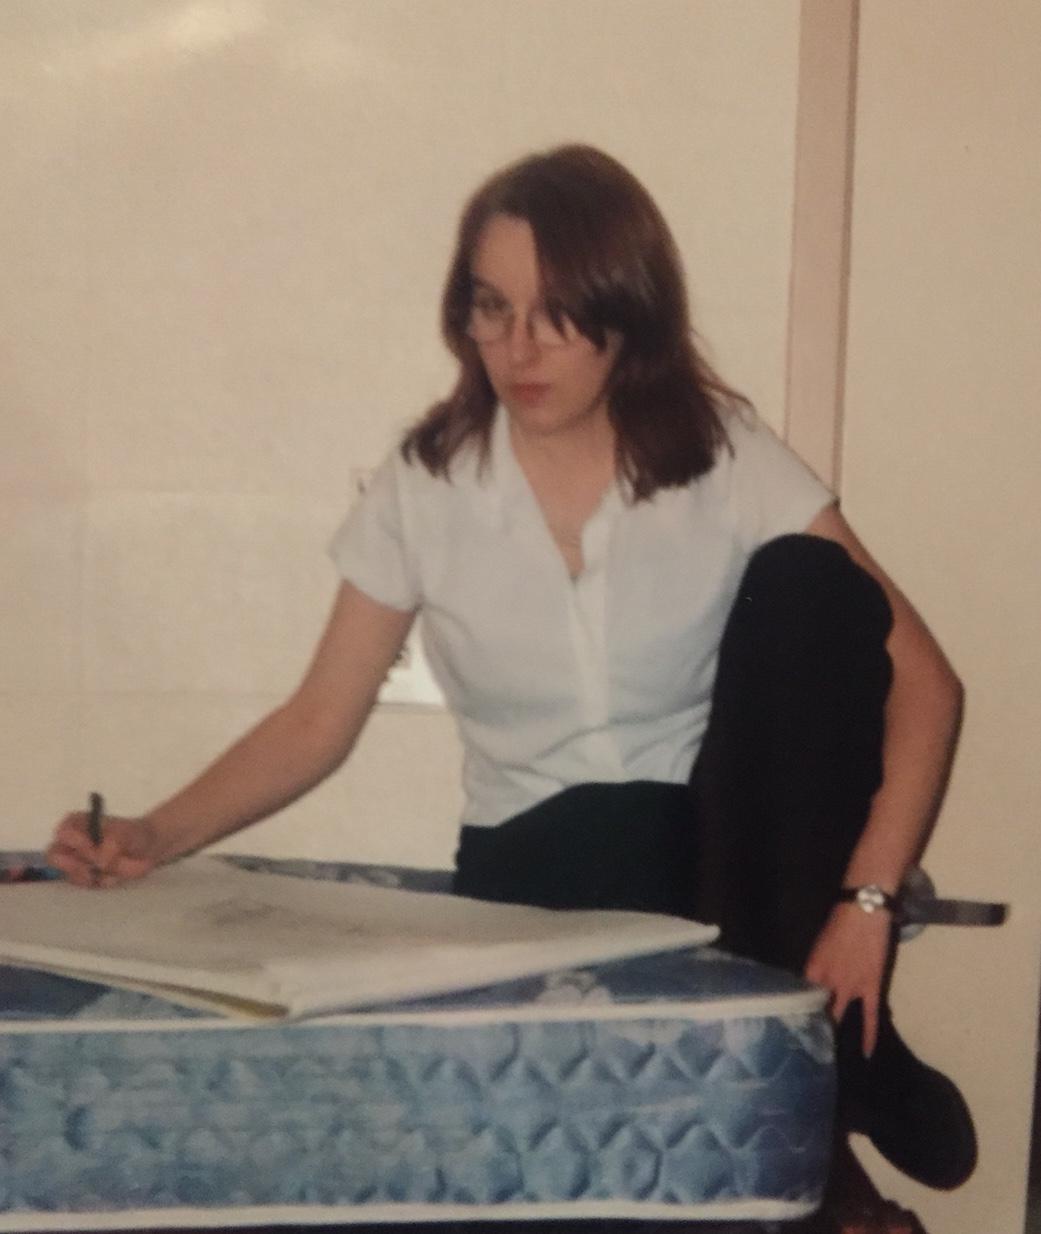 Brandi in college